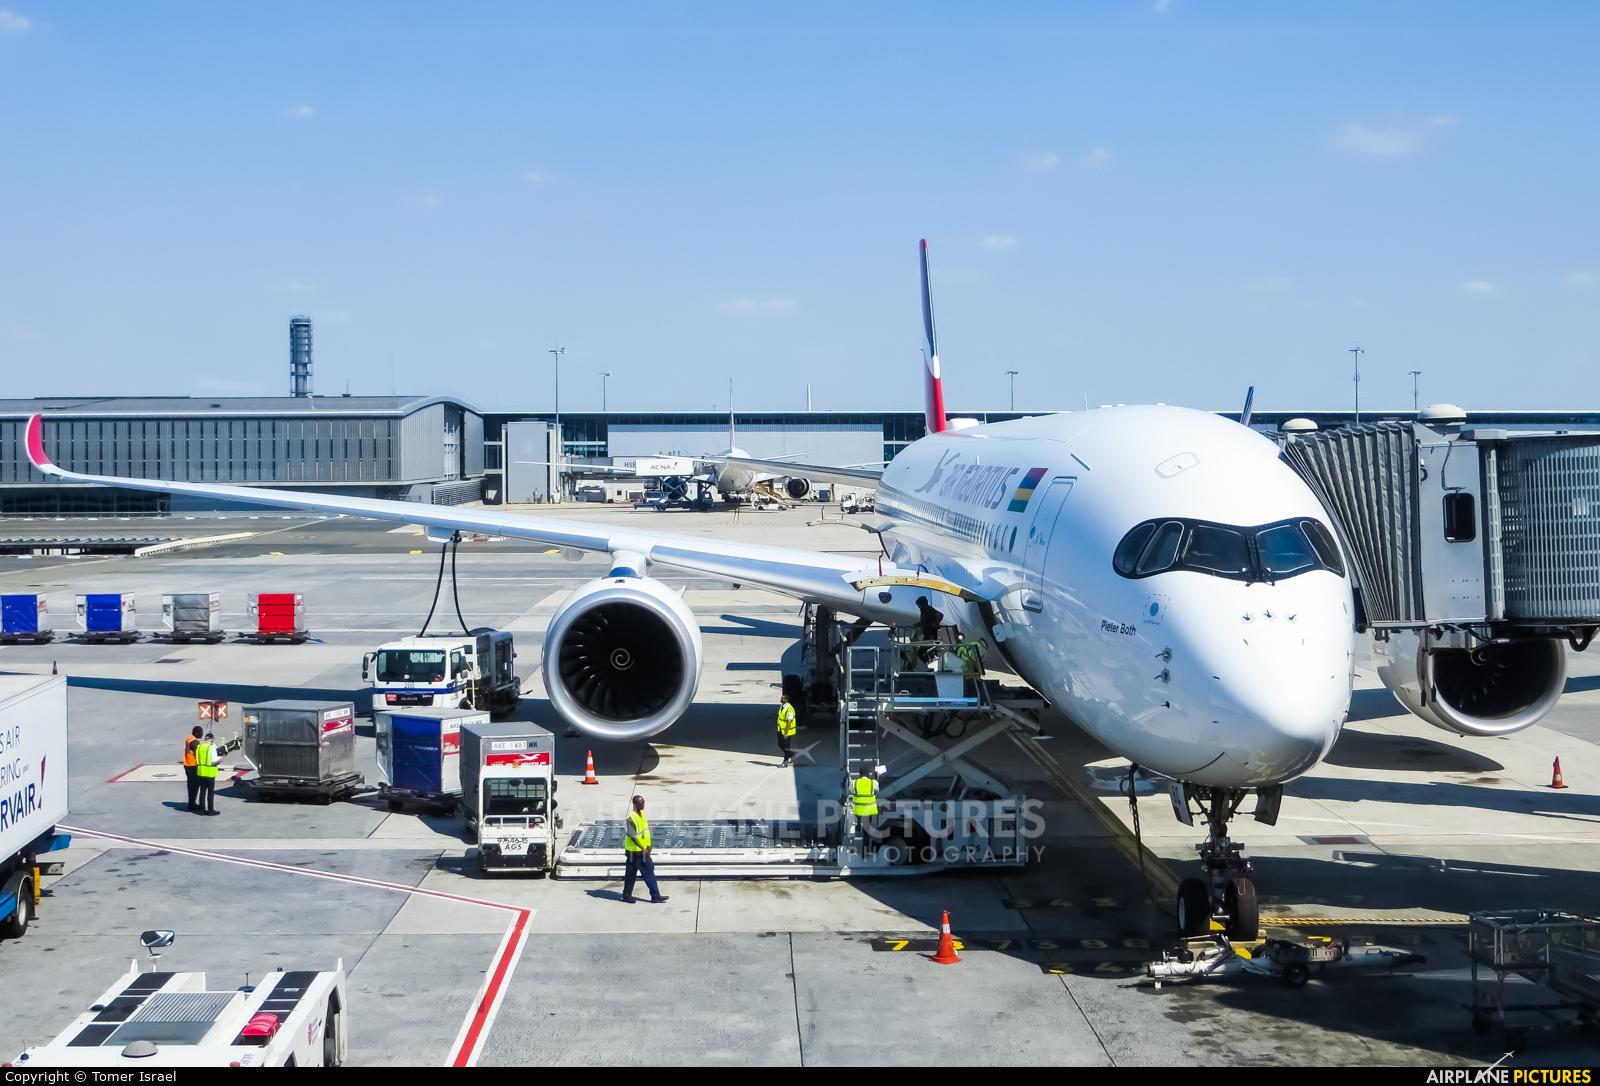 Air Mauritius 3B-NBQ aircraft at Paris - Charles de Gaulle